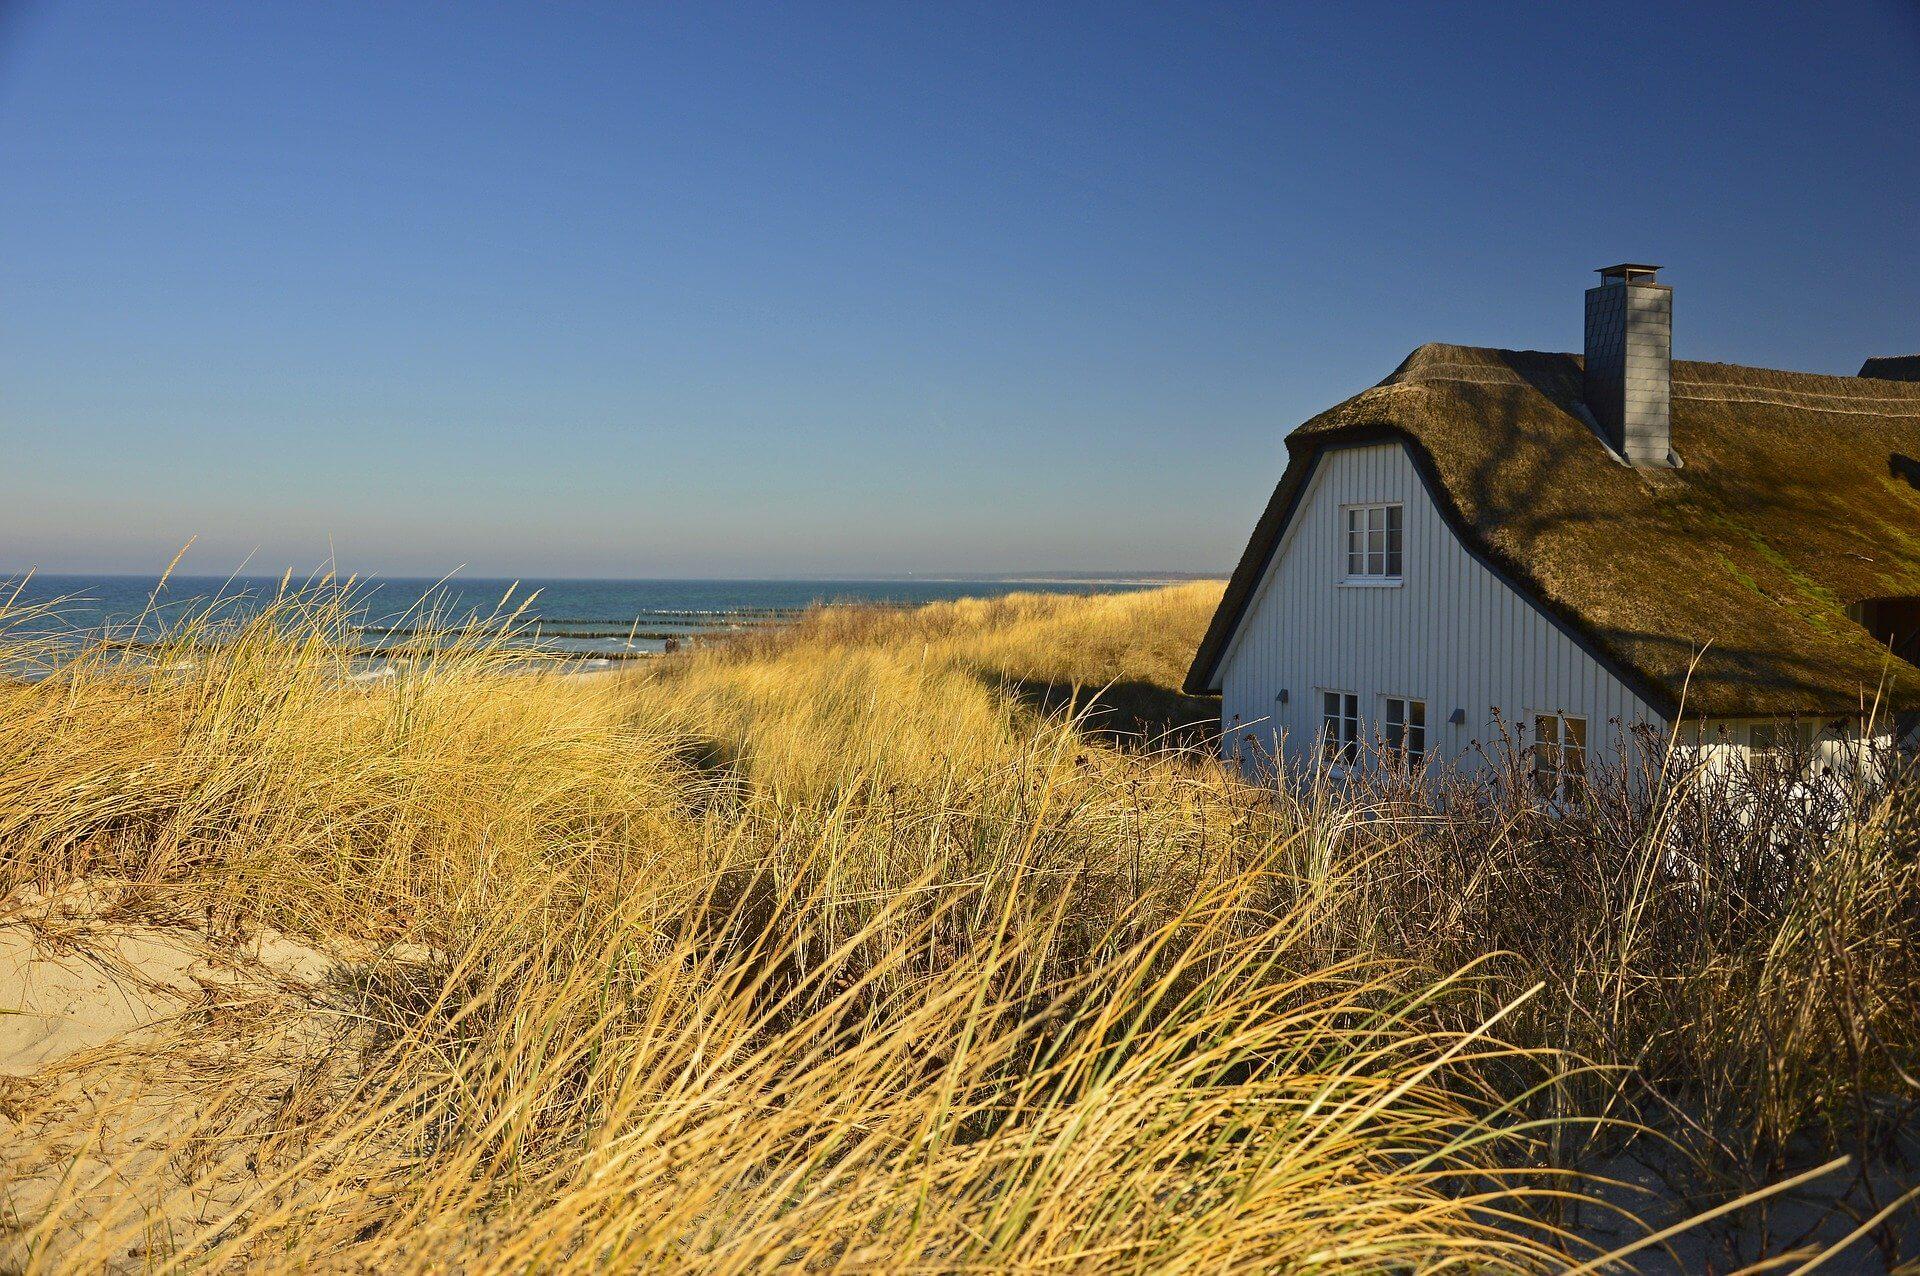 Ostseeinseln, Inseln in der Ostsee